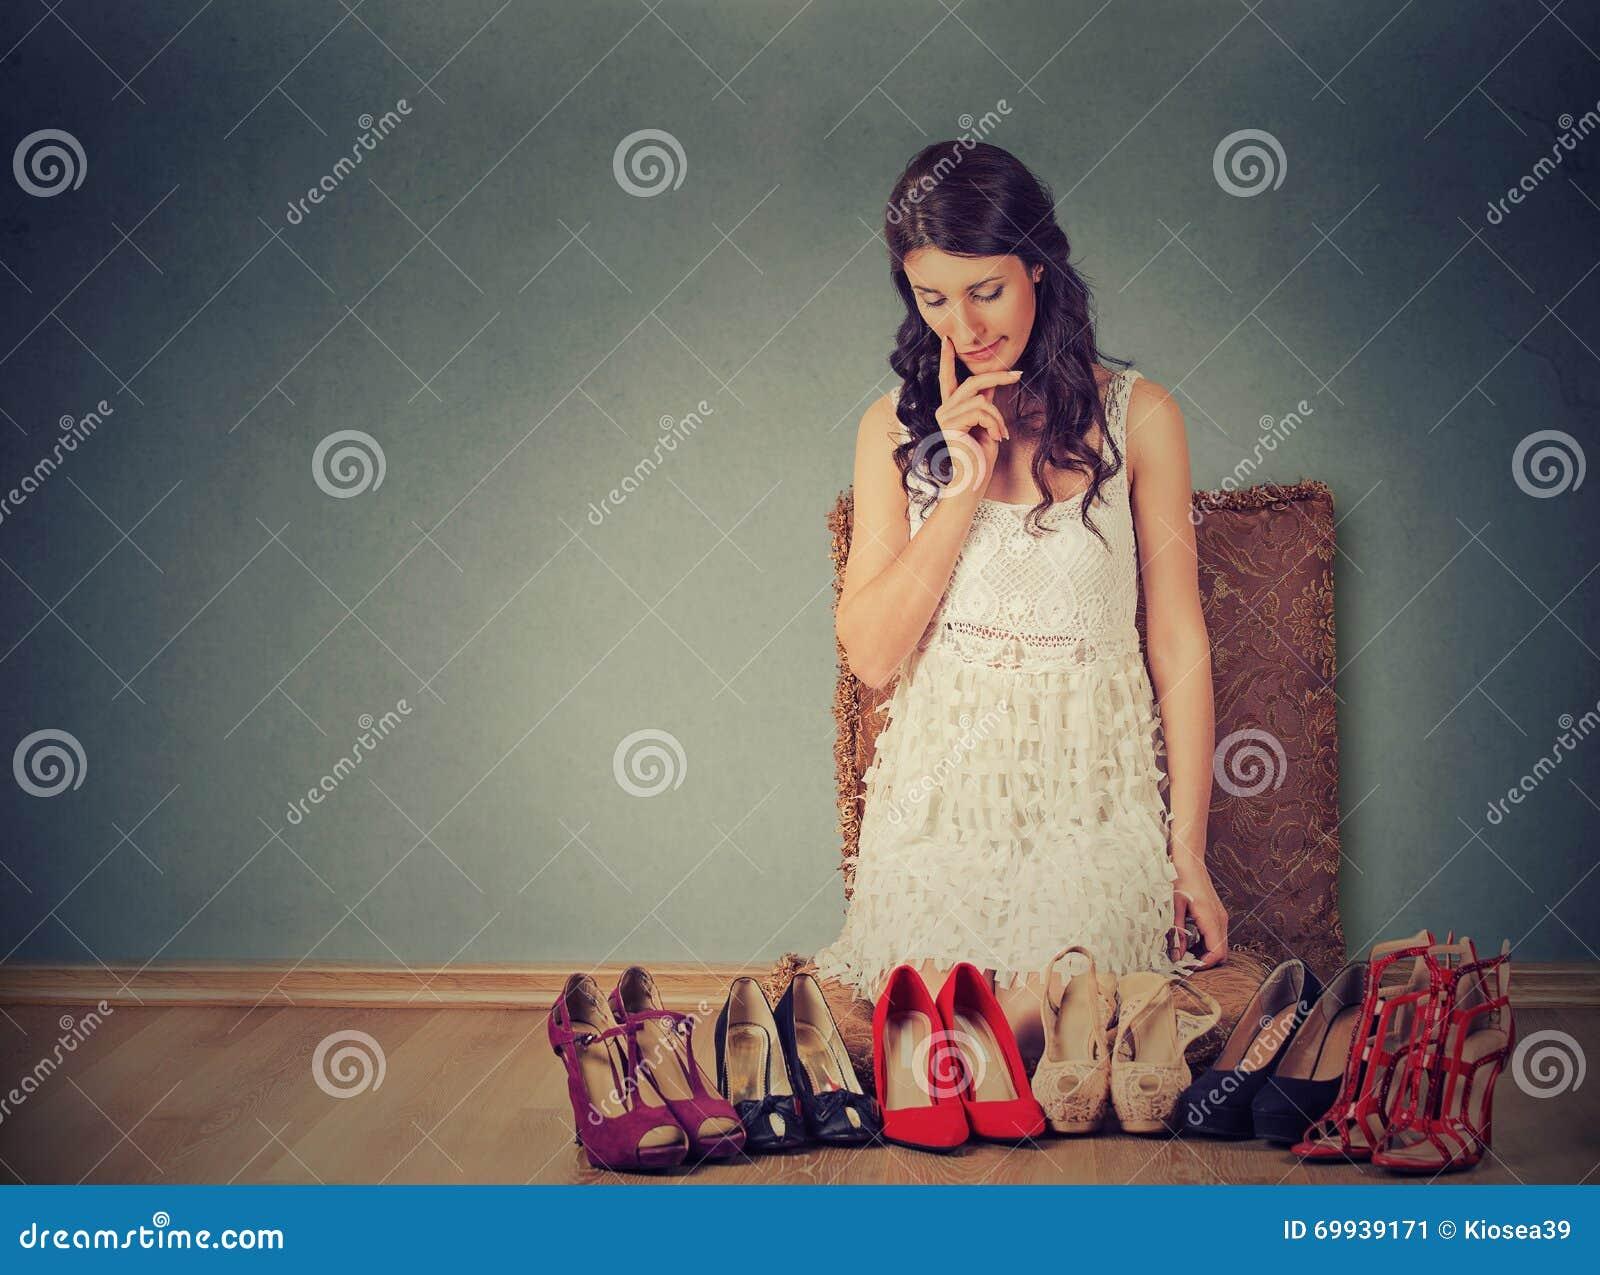 Vrouw die besluiten nemen die juist paar hoge hielschoenen plukken